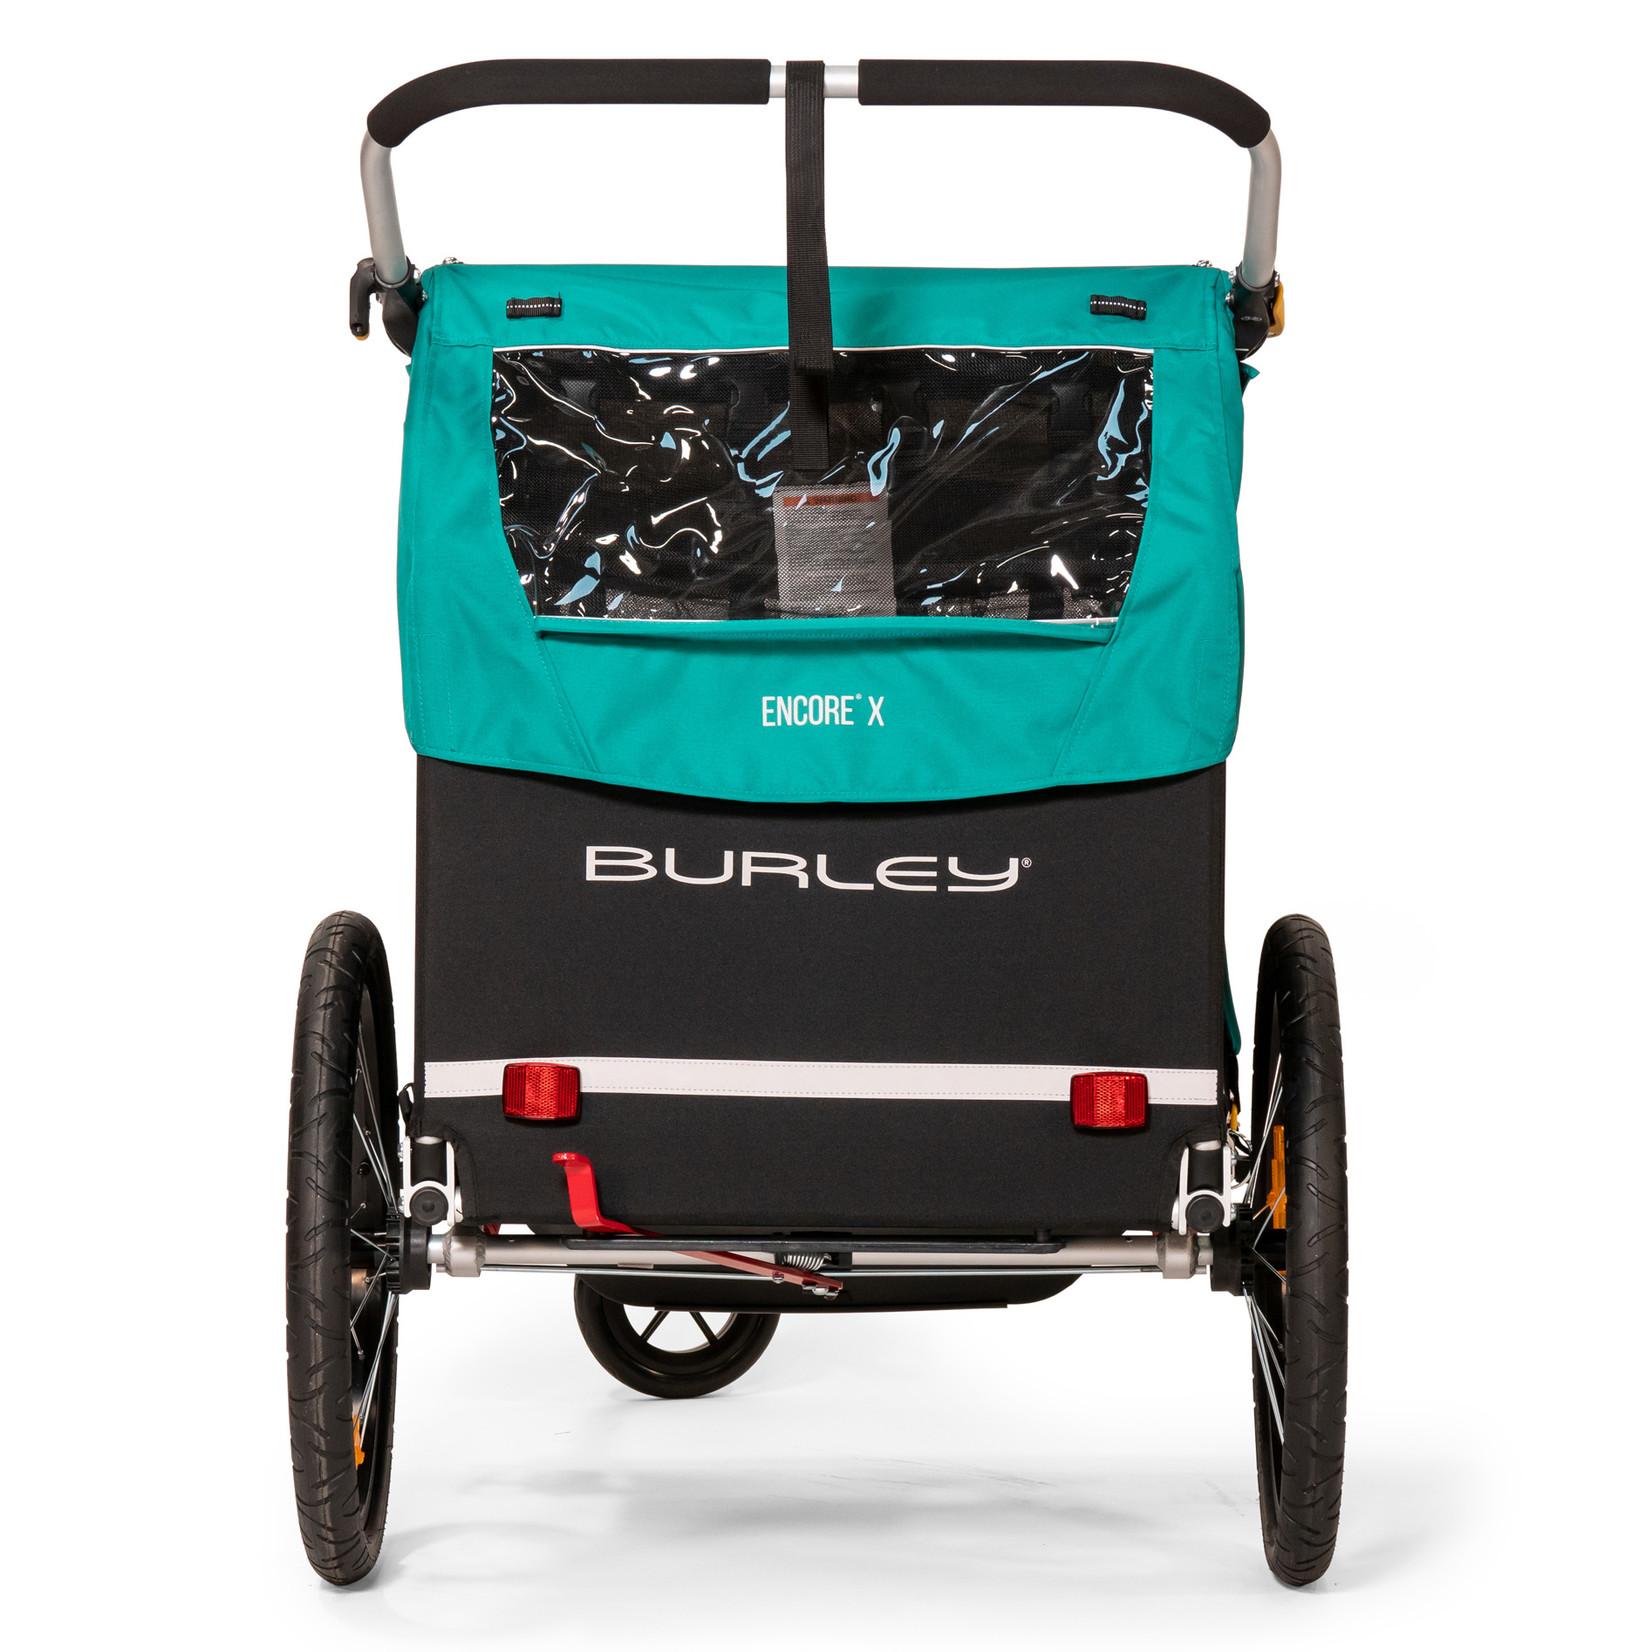 Burley Burley Encore X